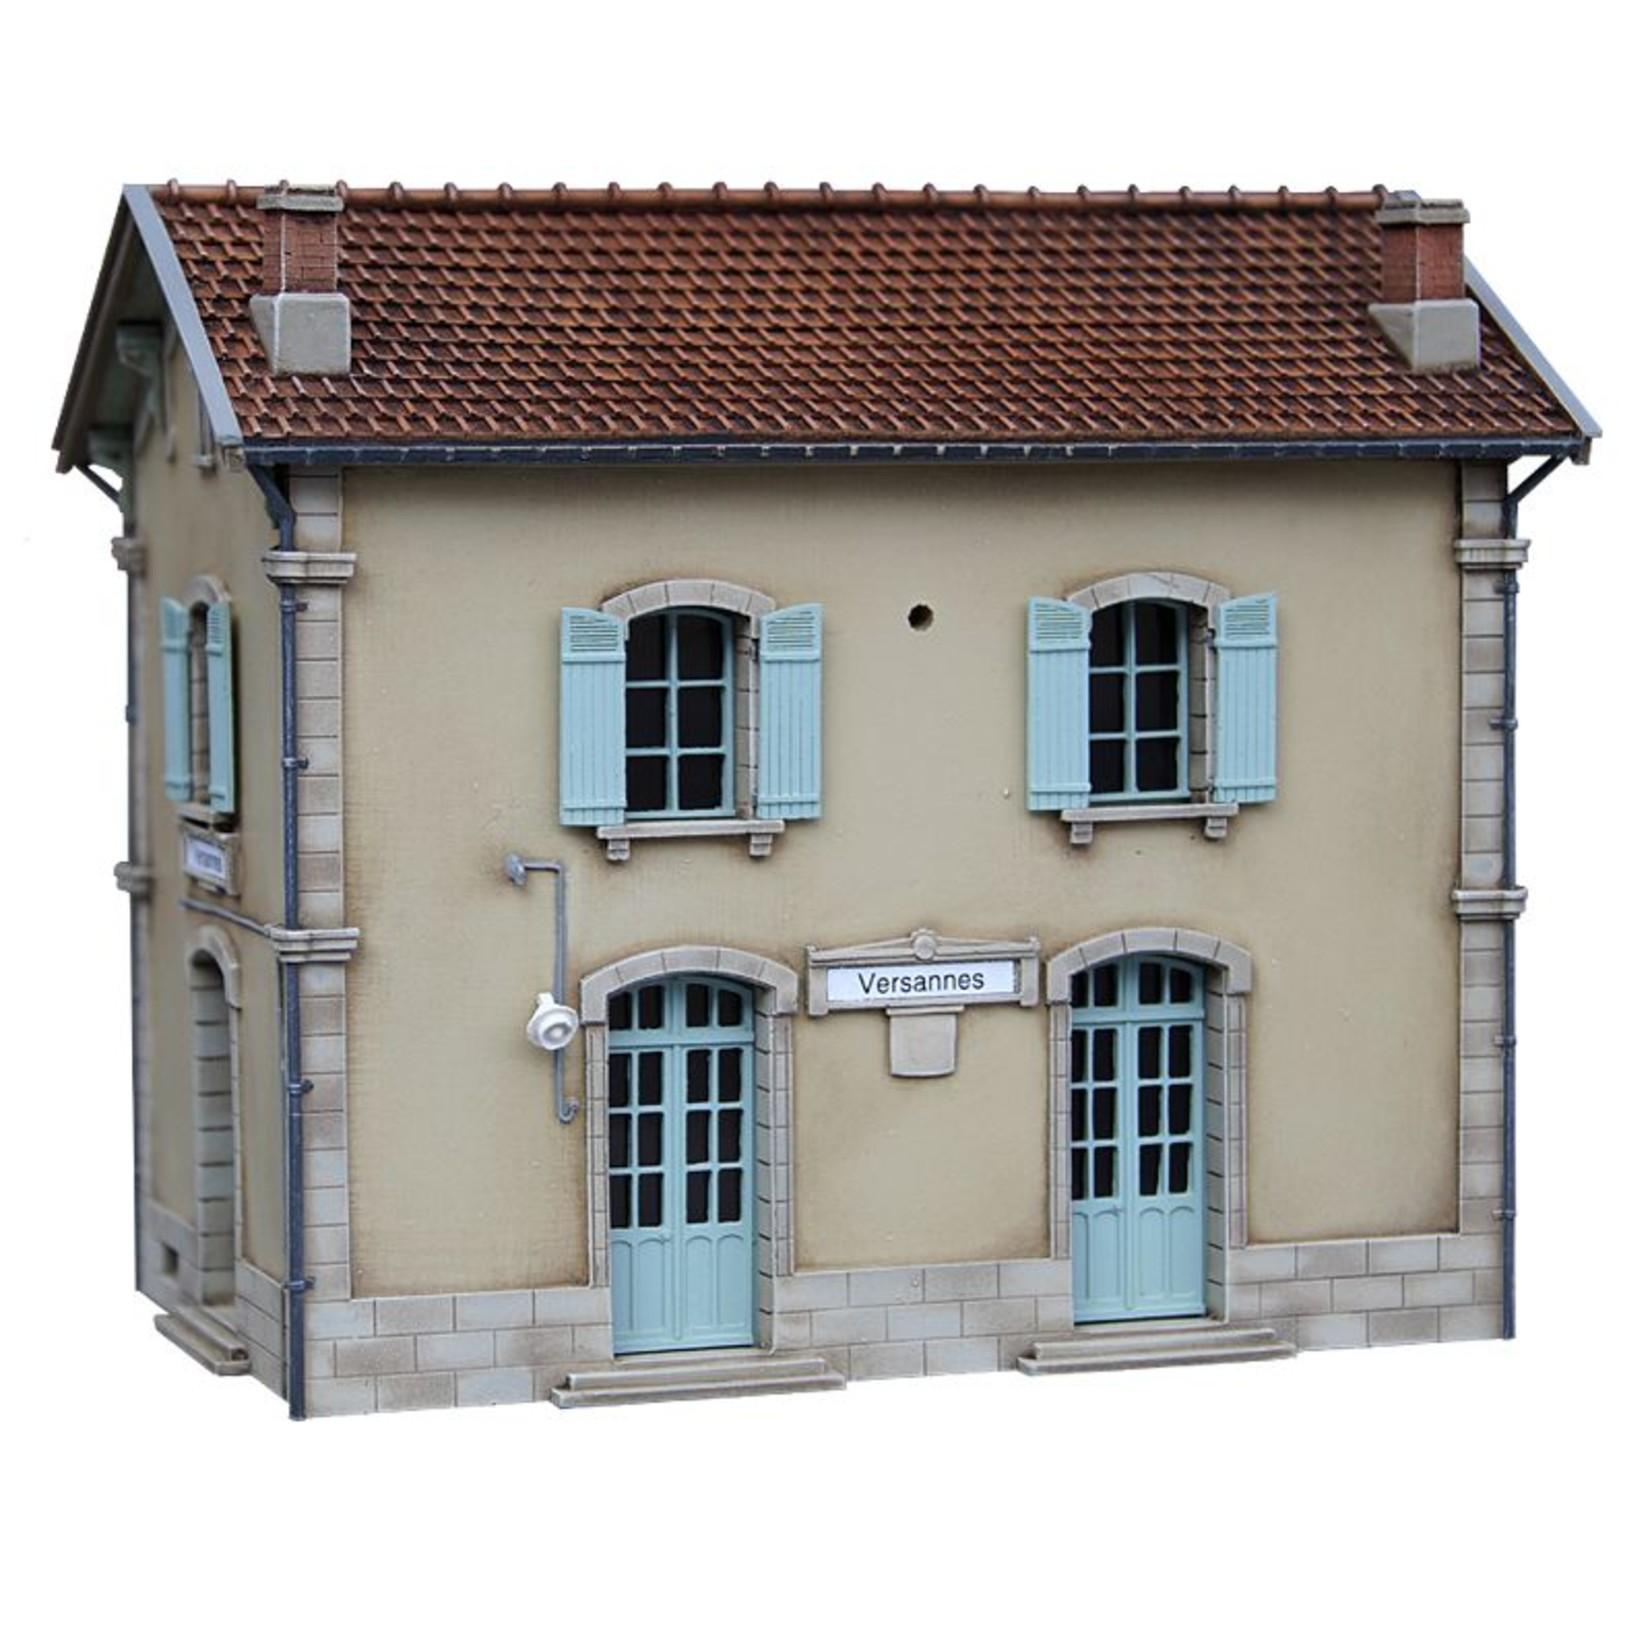 Station/Gare des Versannes